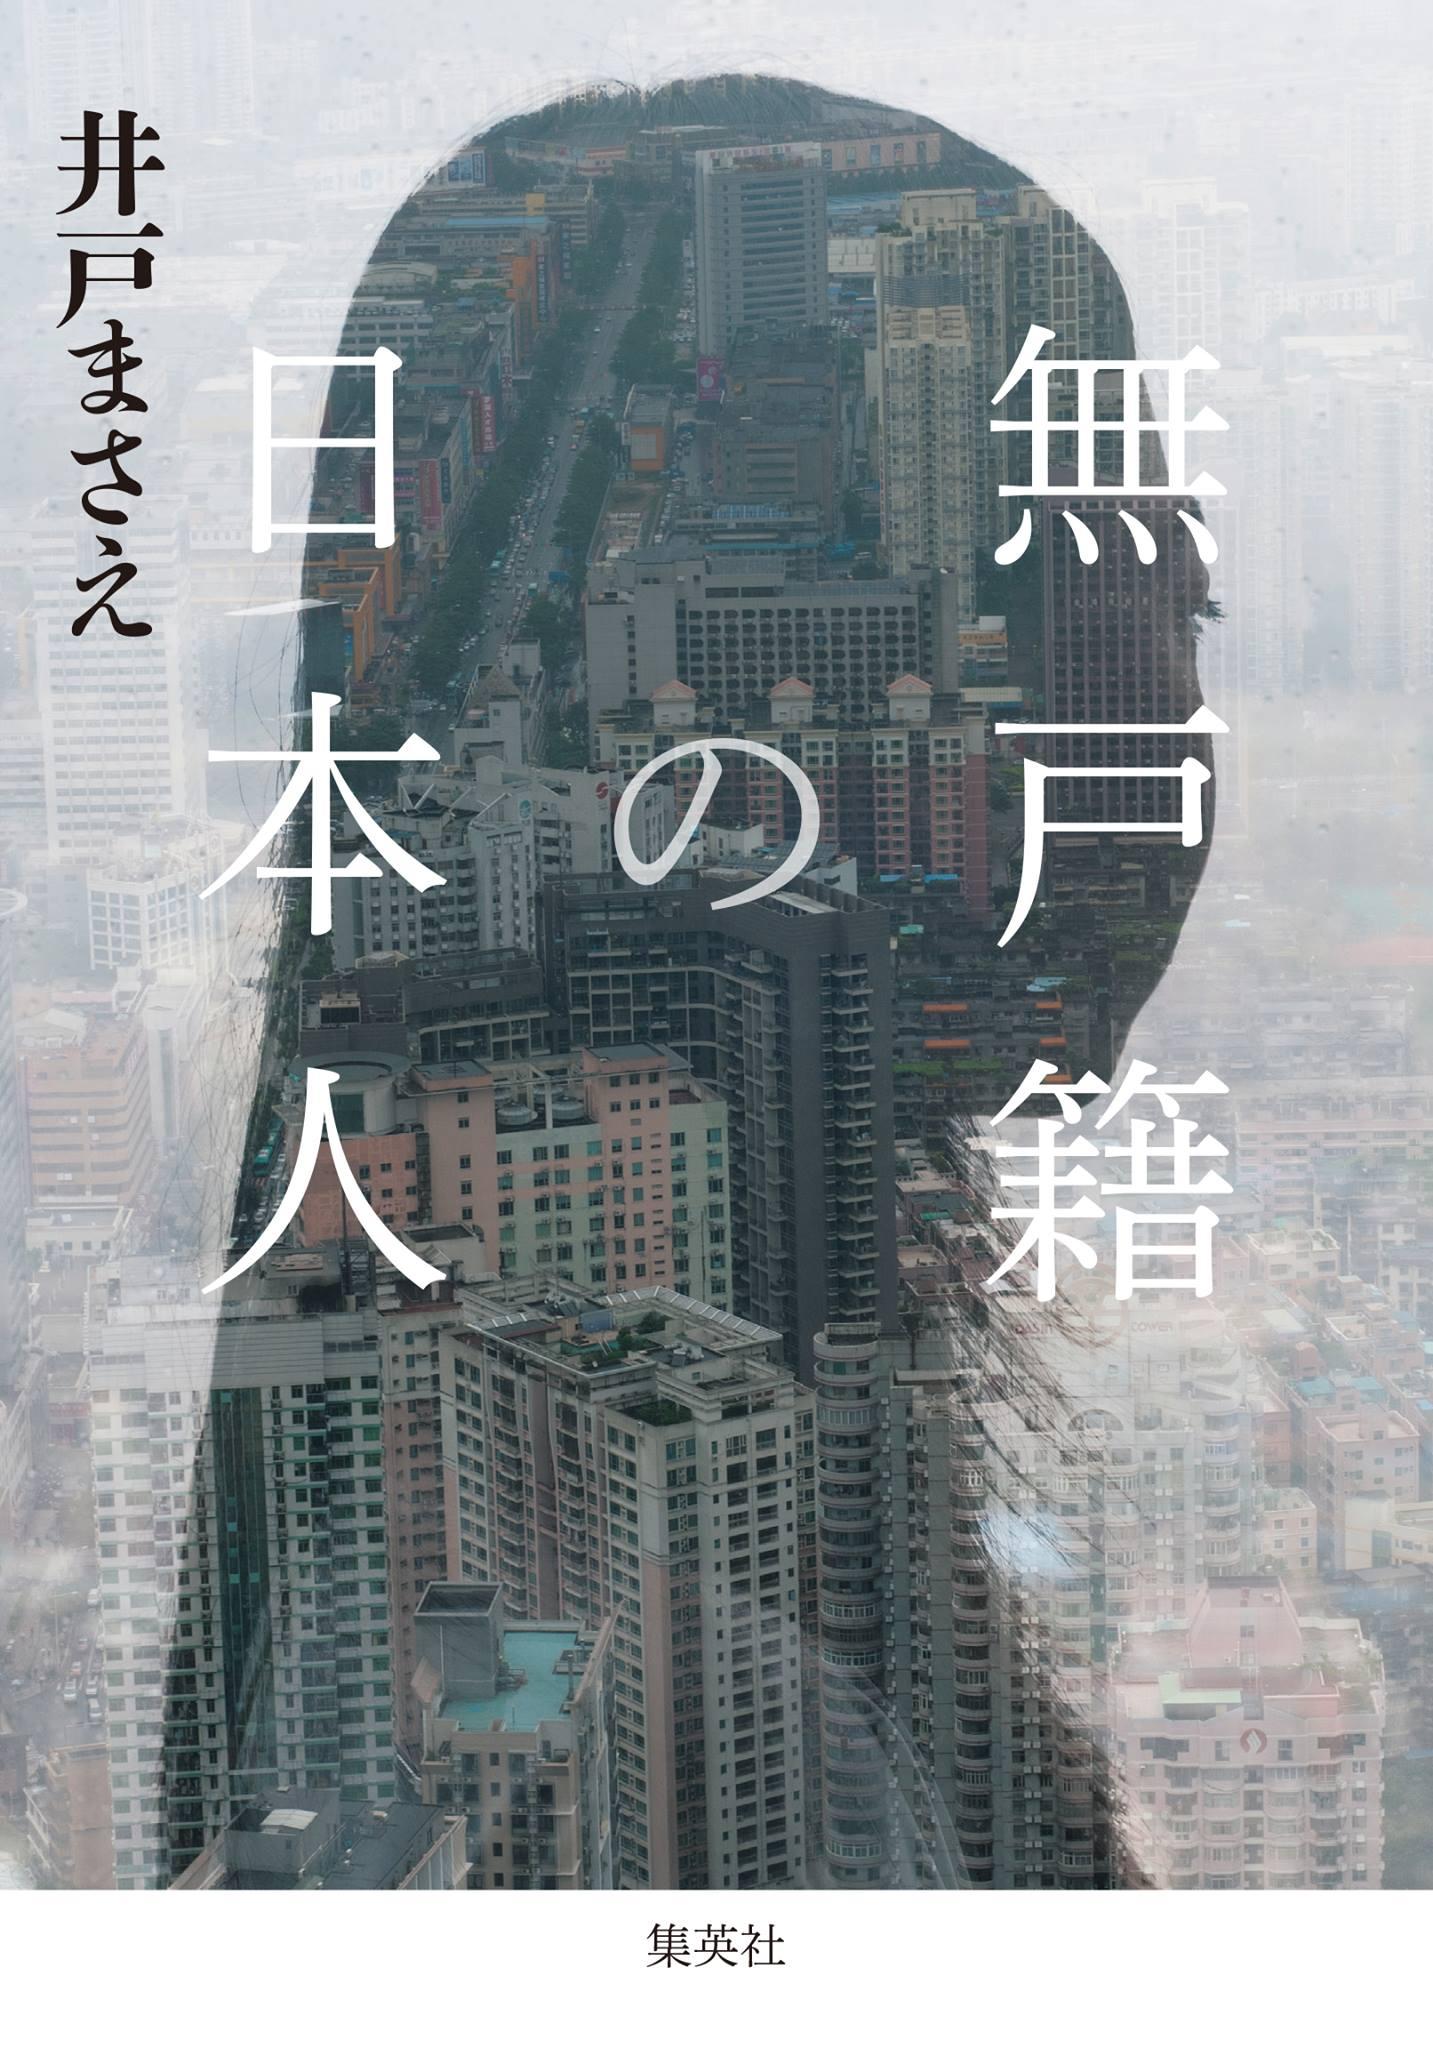 戸籍のない子どもたちをどうすれば救えるのか。無戸籍者が辿る過酷な人生と法の不条理に言及したノンフィクション『無戸籍の日本人』